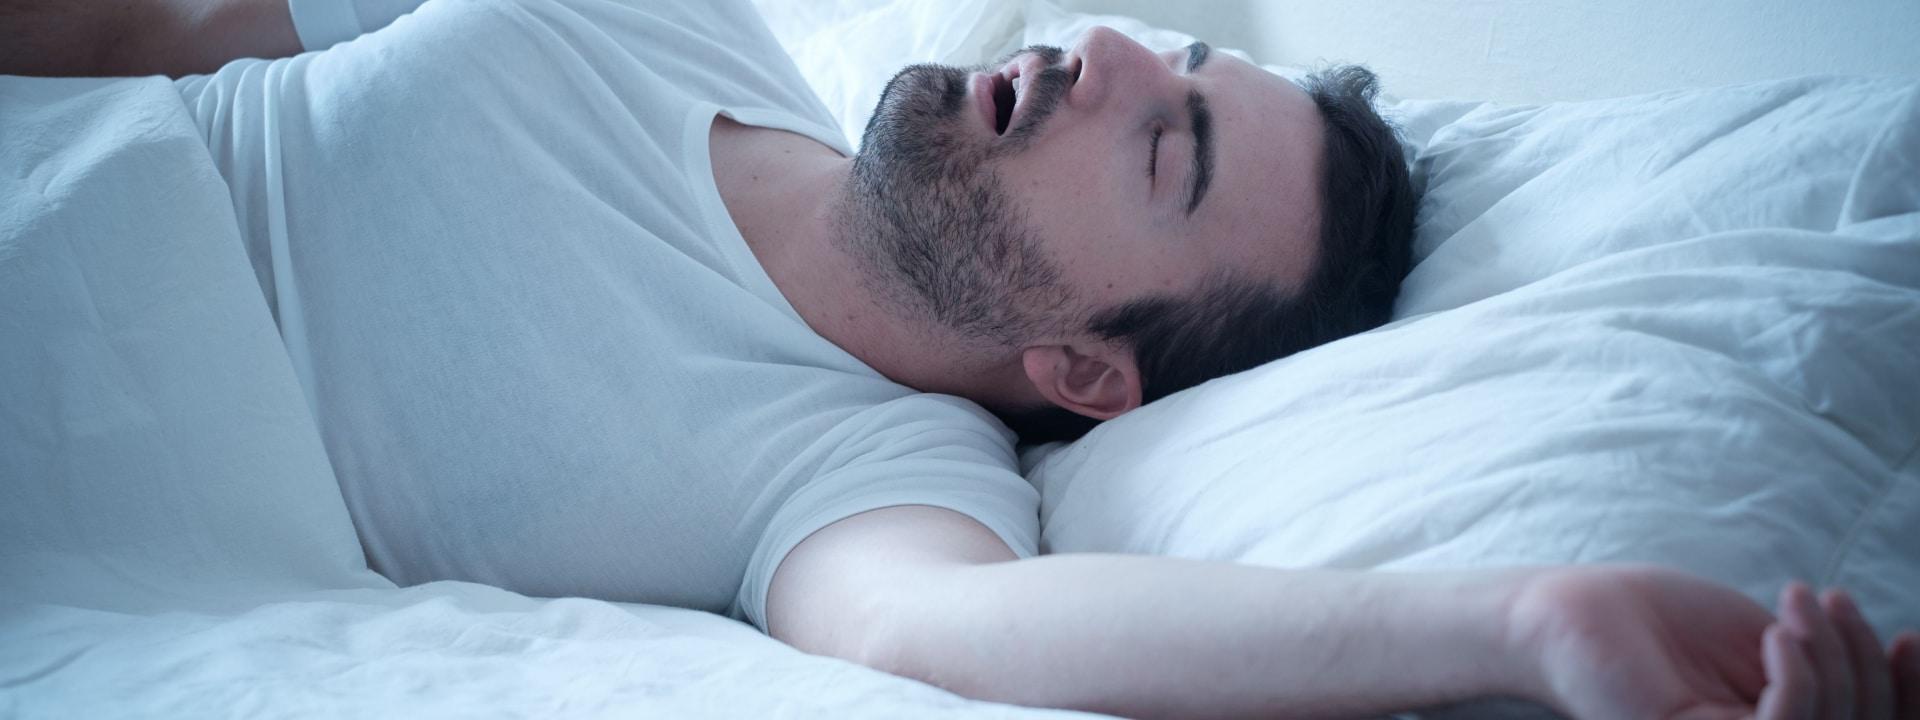 sleep-apnoe